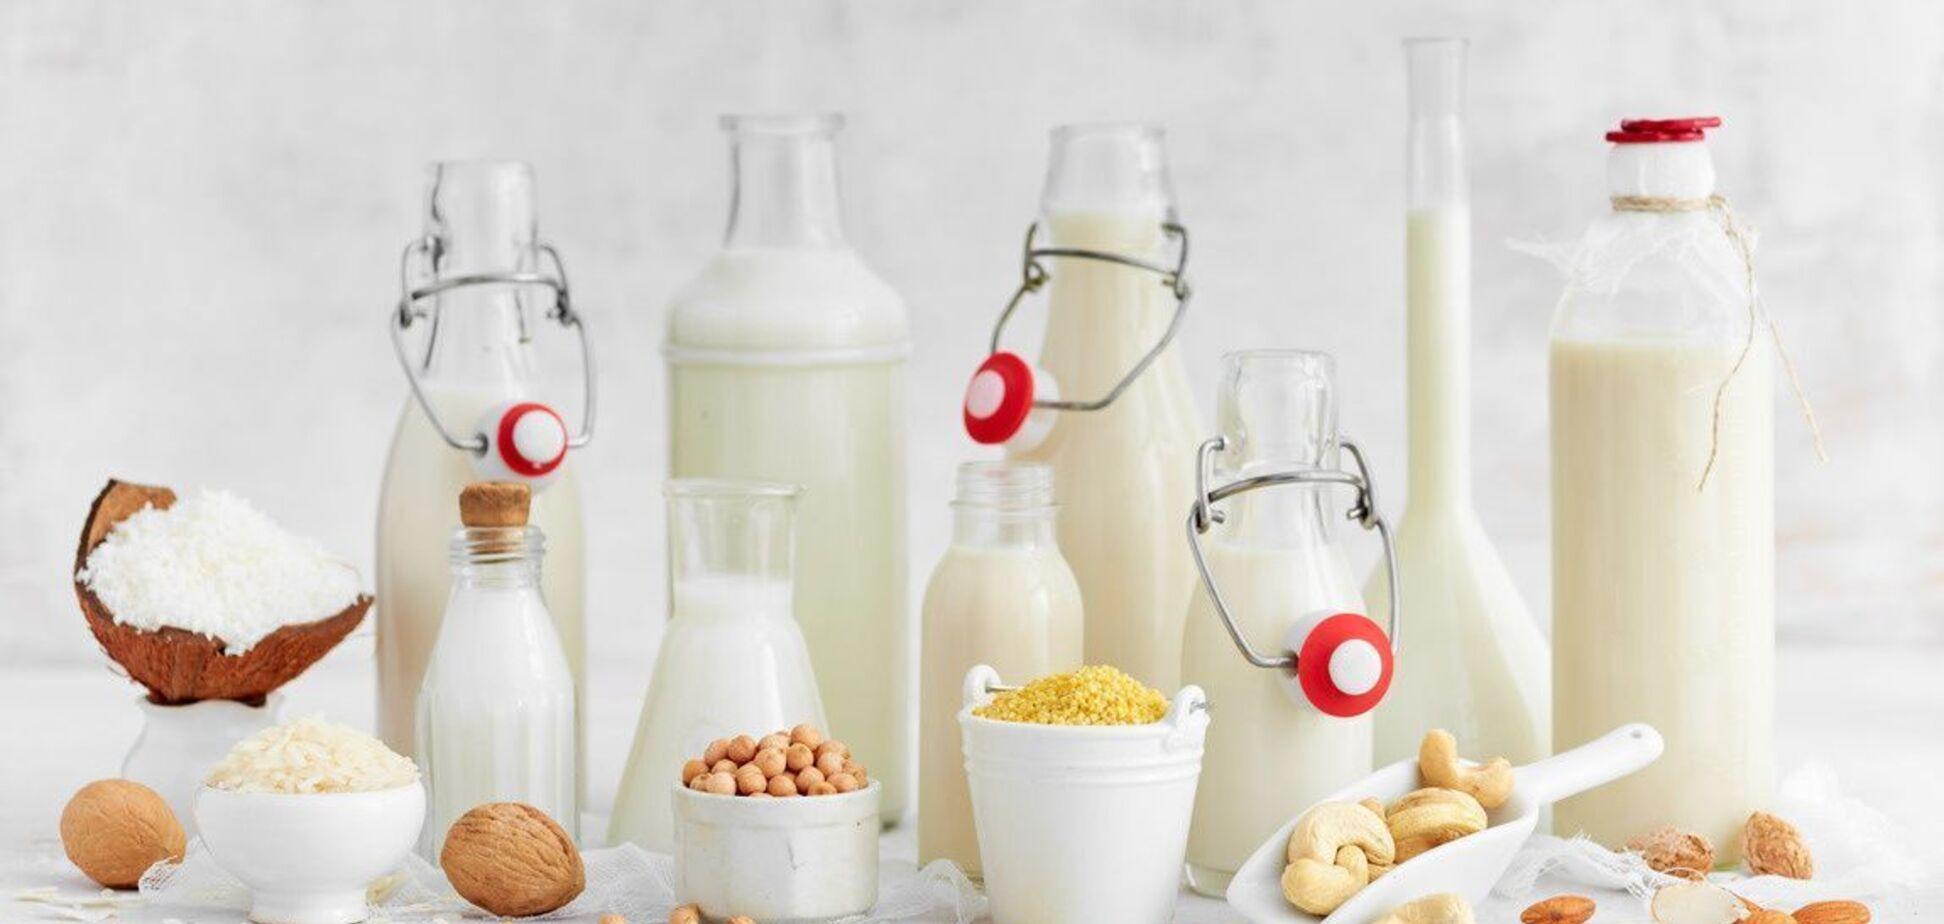 Диетолог рассказала о пользе молочных продуктов для организма человека